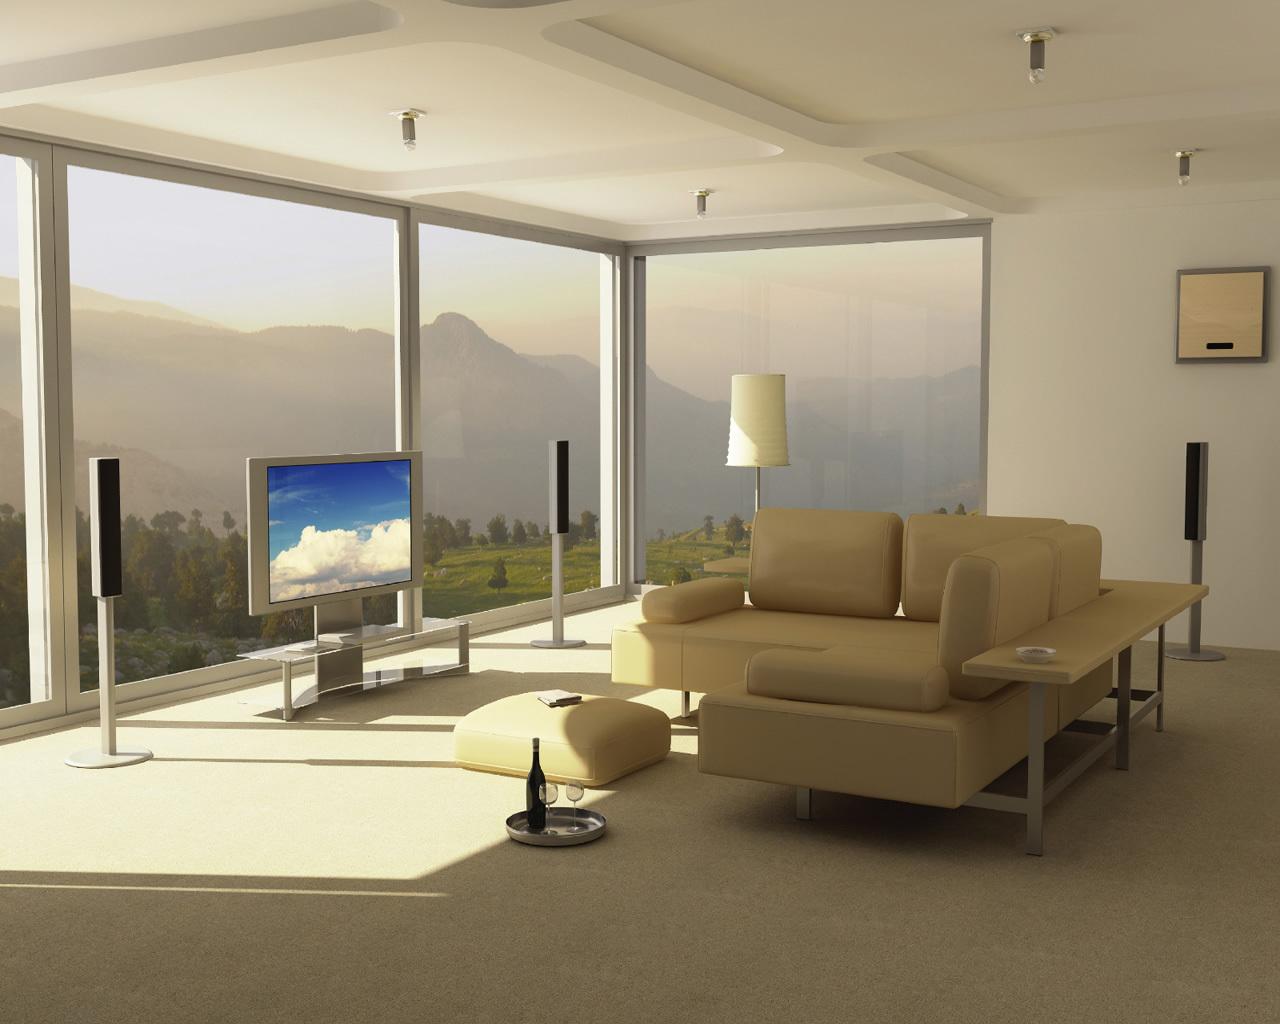 Design Ideas Interior Designs Home Design Ideas Interior Design 1280x1024